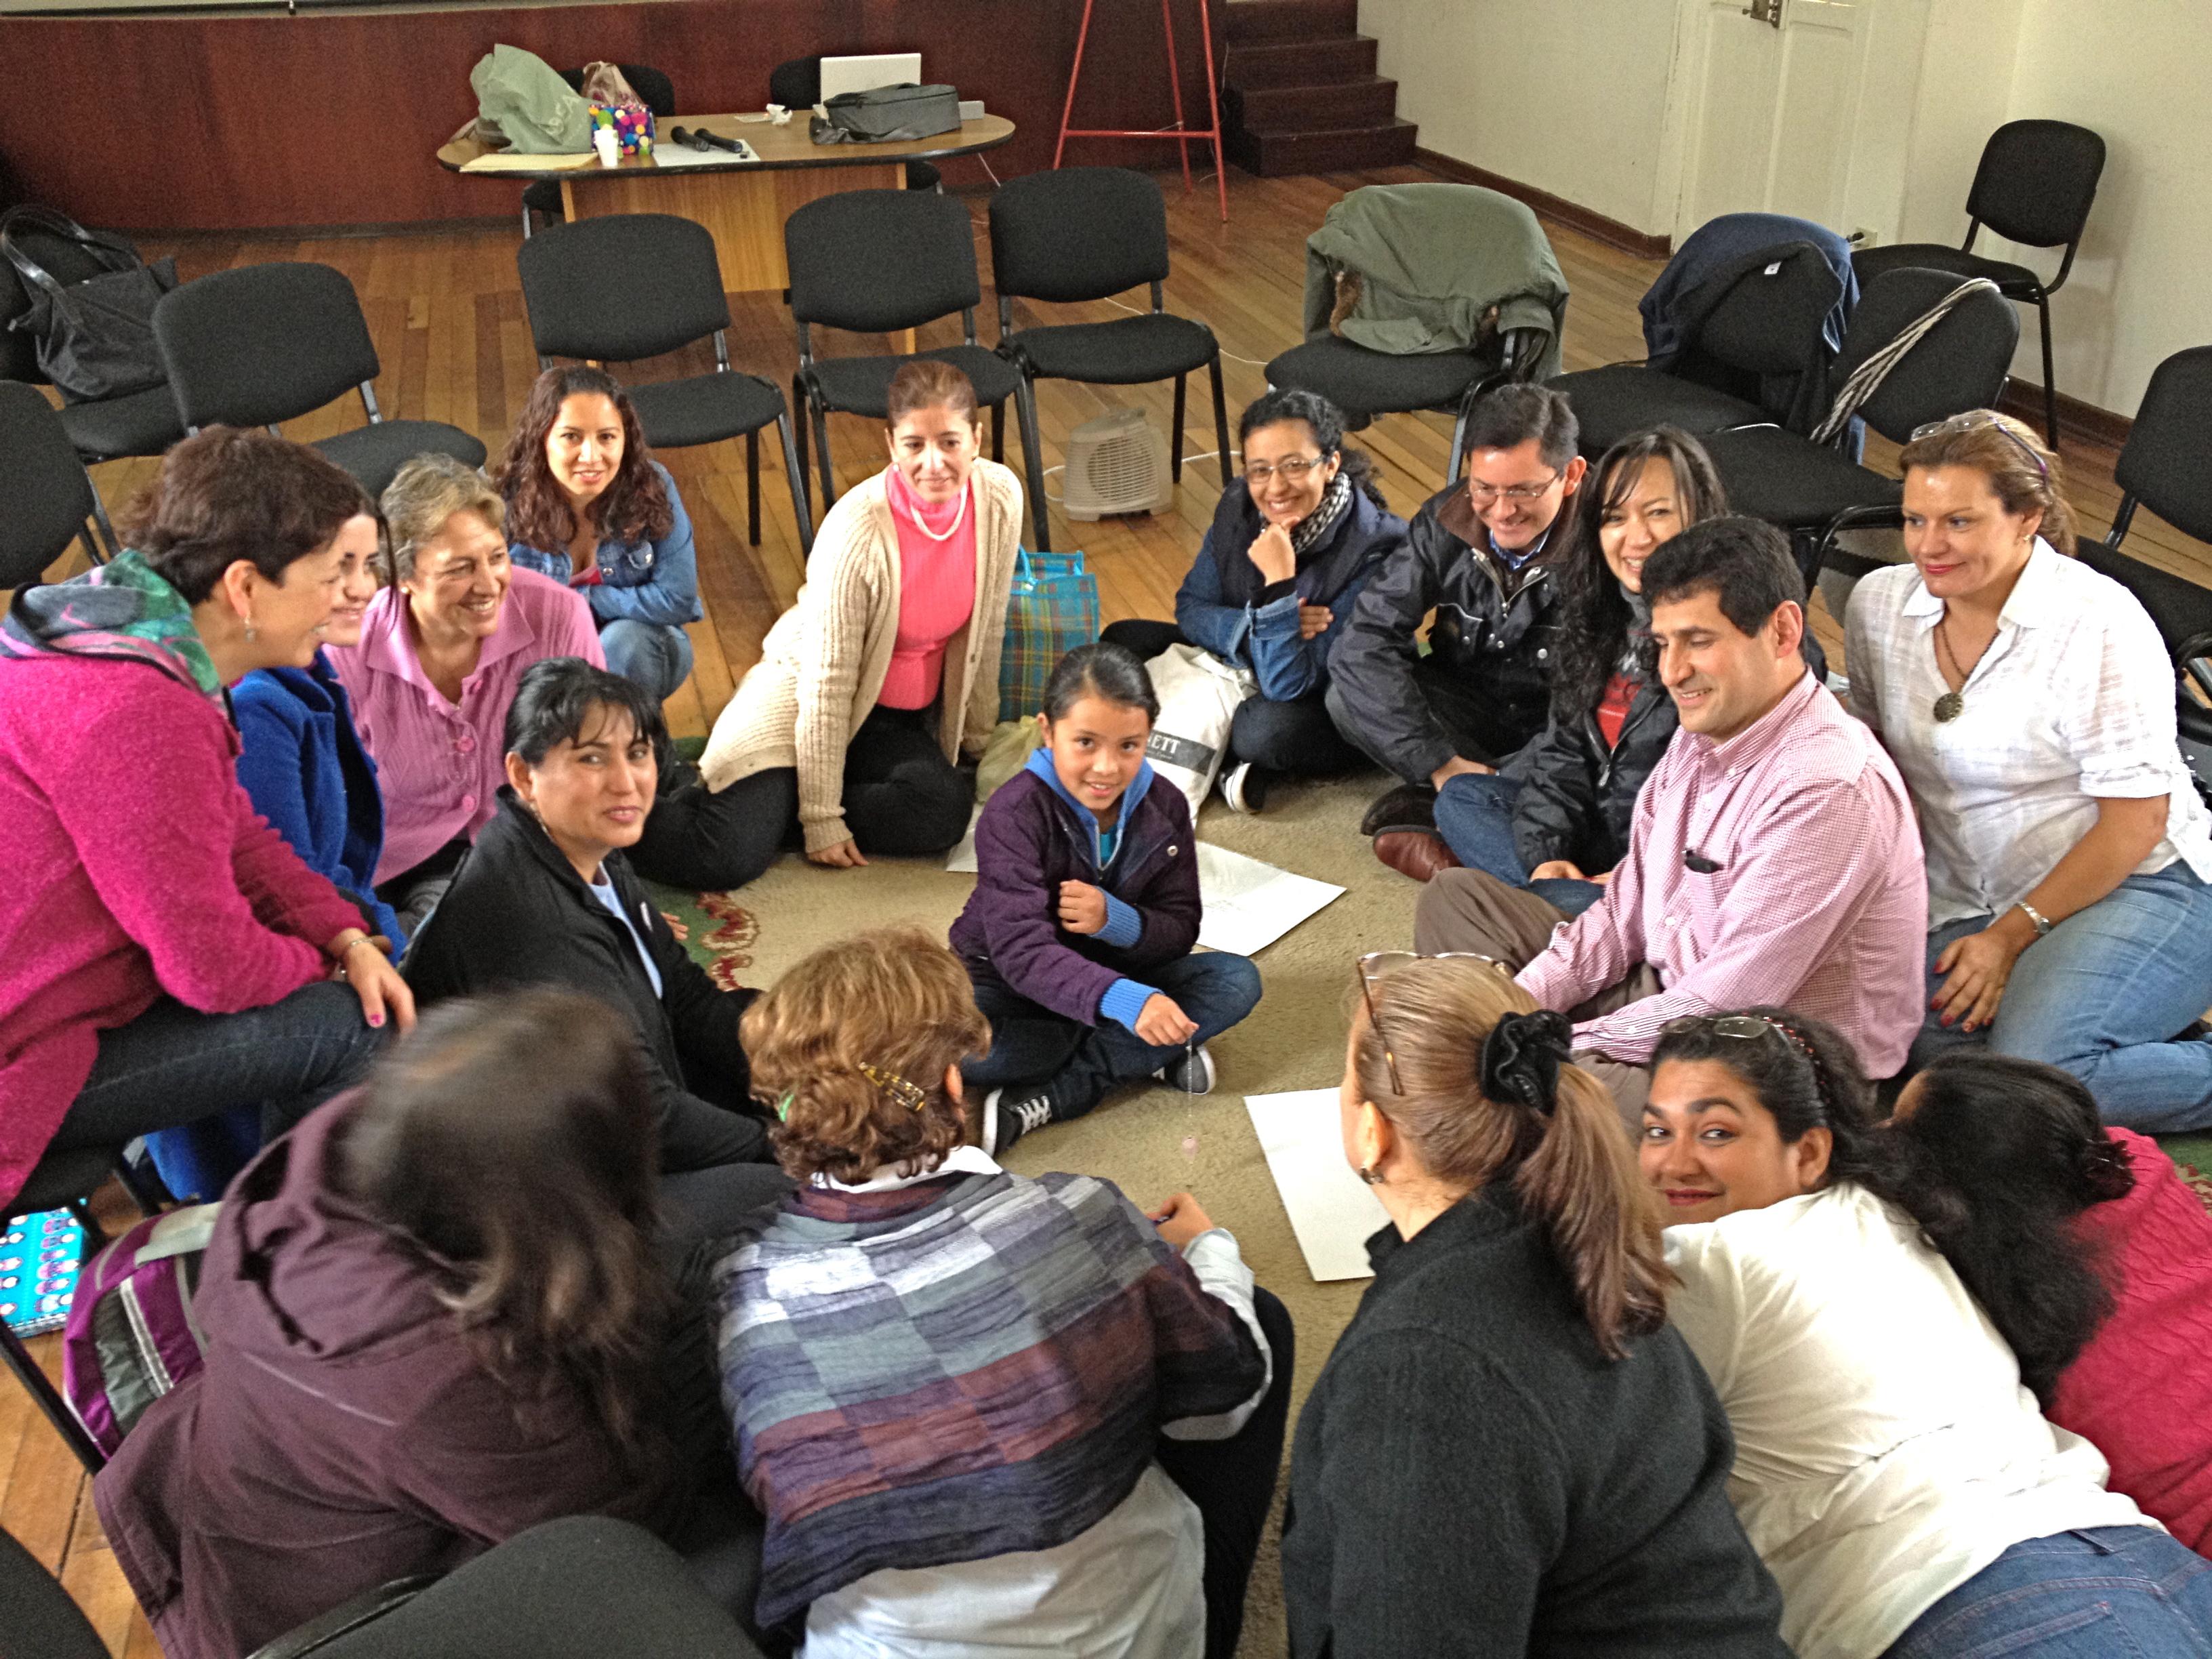 Práctica de Terapia Ericksoniana con niños realizado por Cecilia Fabre, directora del Centro Ericksoniano de México